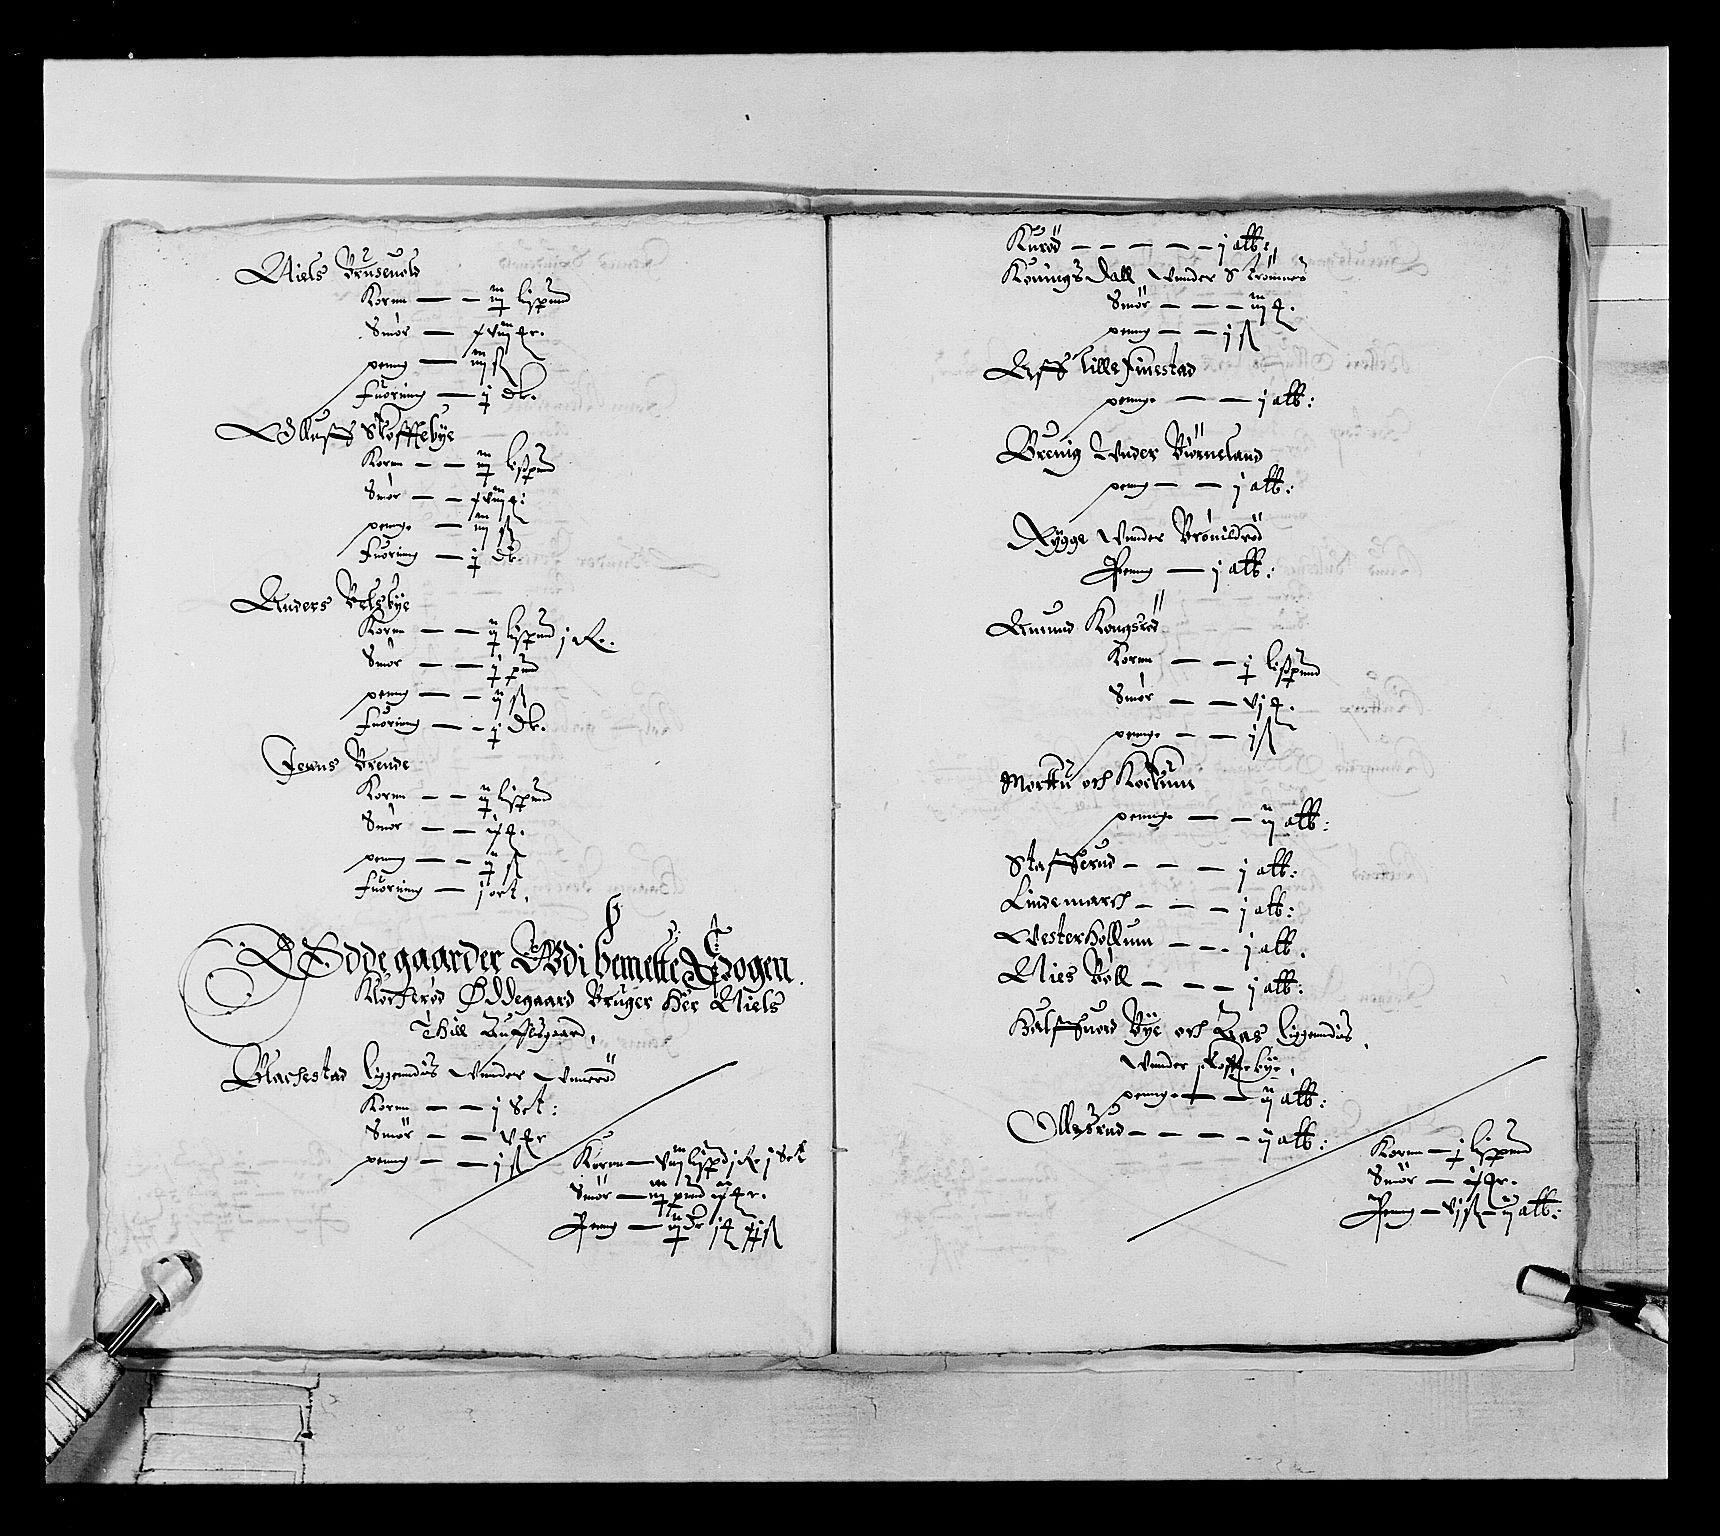 RA, Stattholderembetet 1572-1771, Ek/L0022: Jordebøker 1633-1658:, 1646-1647, s. 19